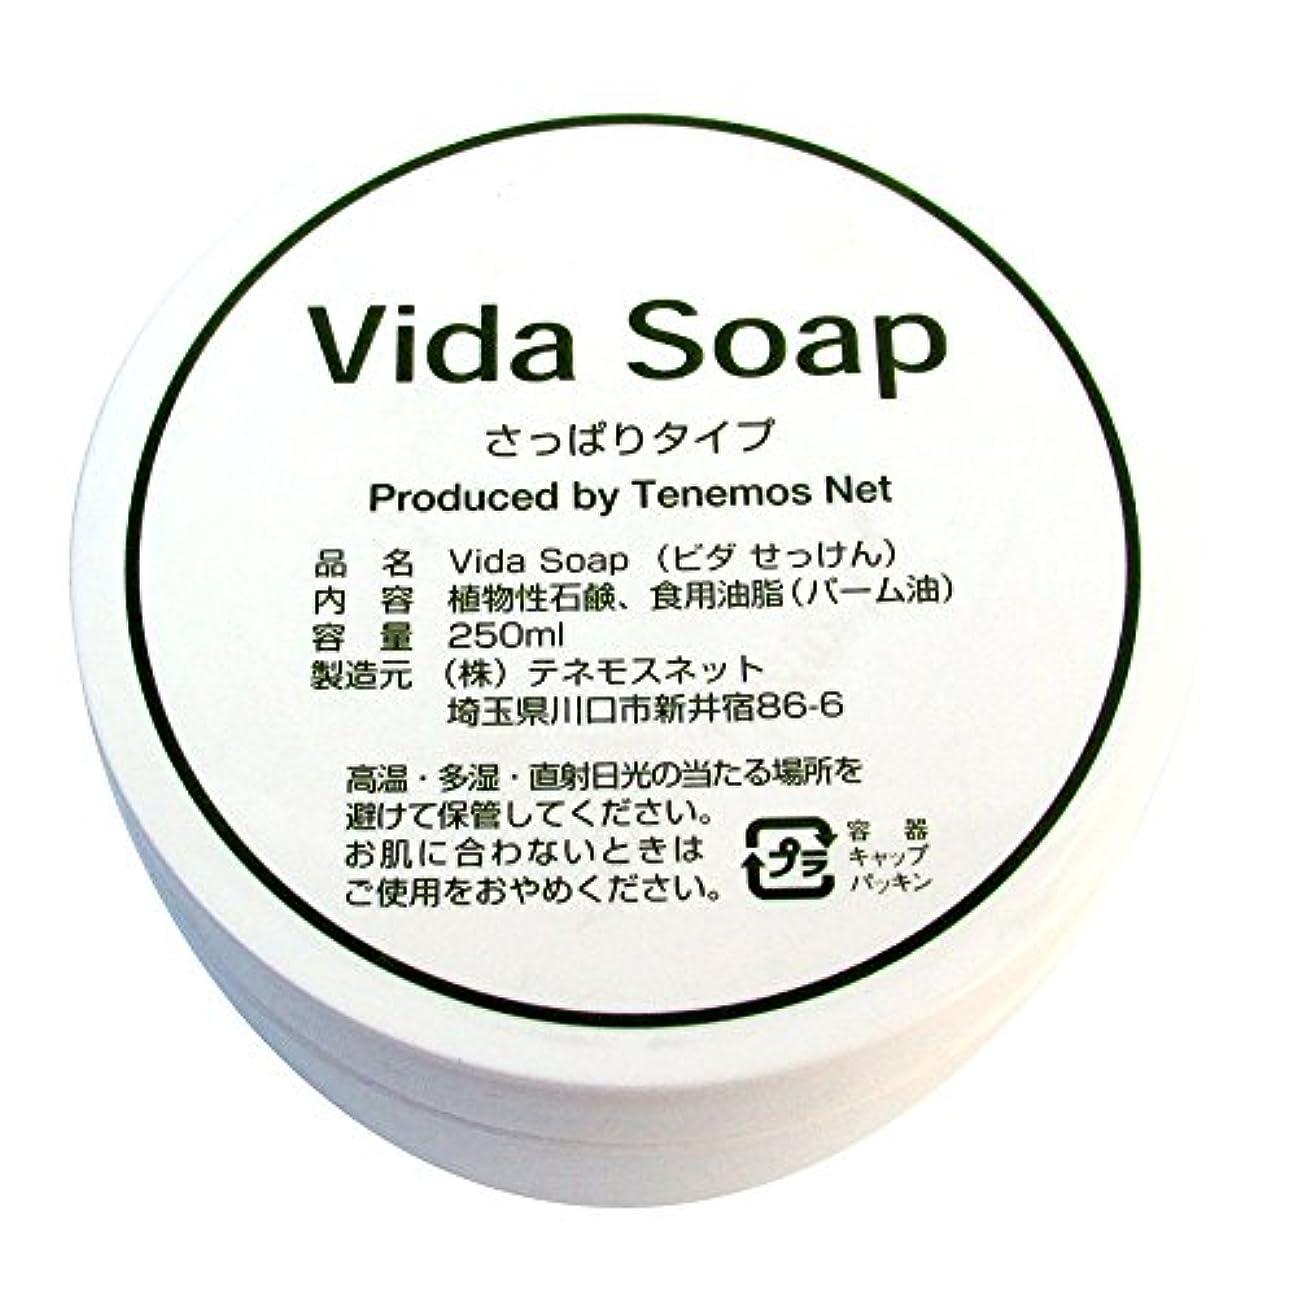 額く通訳テネモス ビダせっけん Vida Soap さっぱりノーマル 植物性 250ml